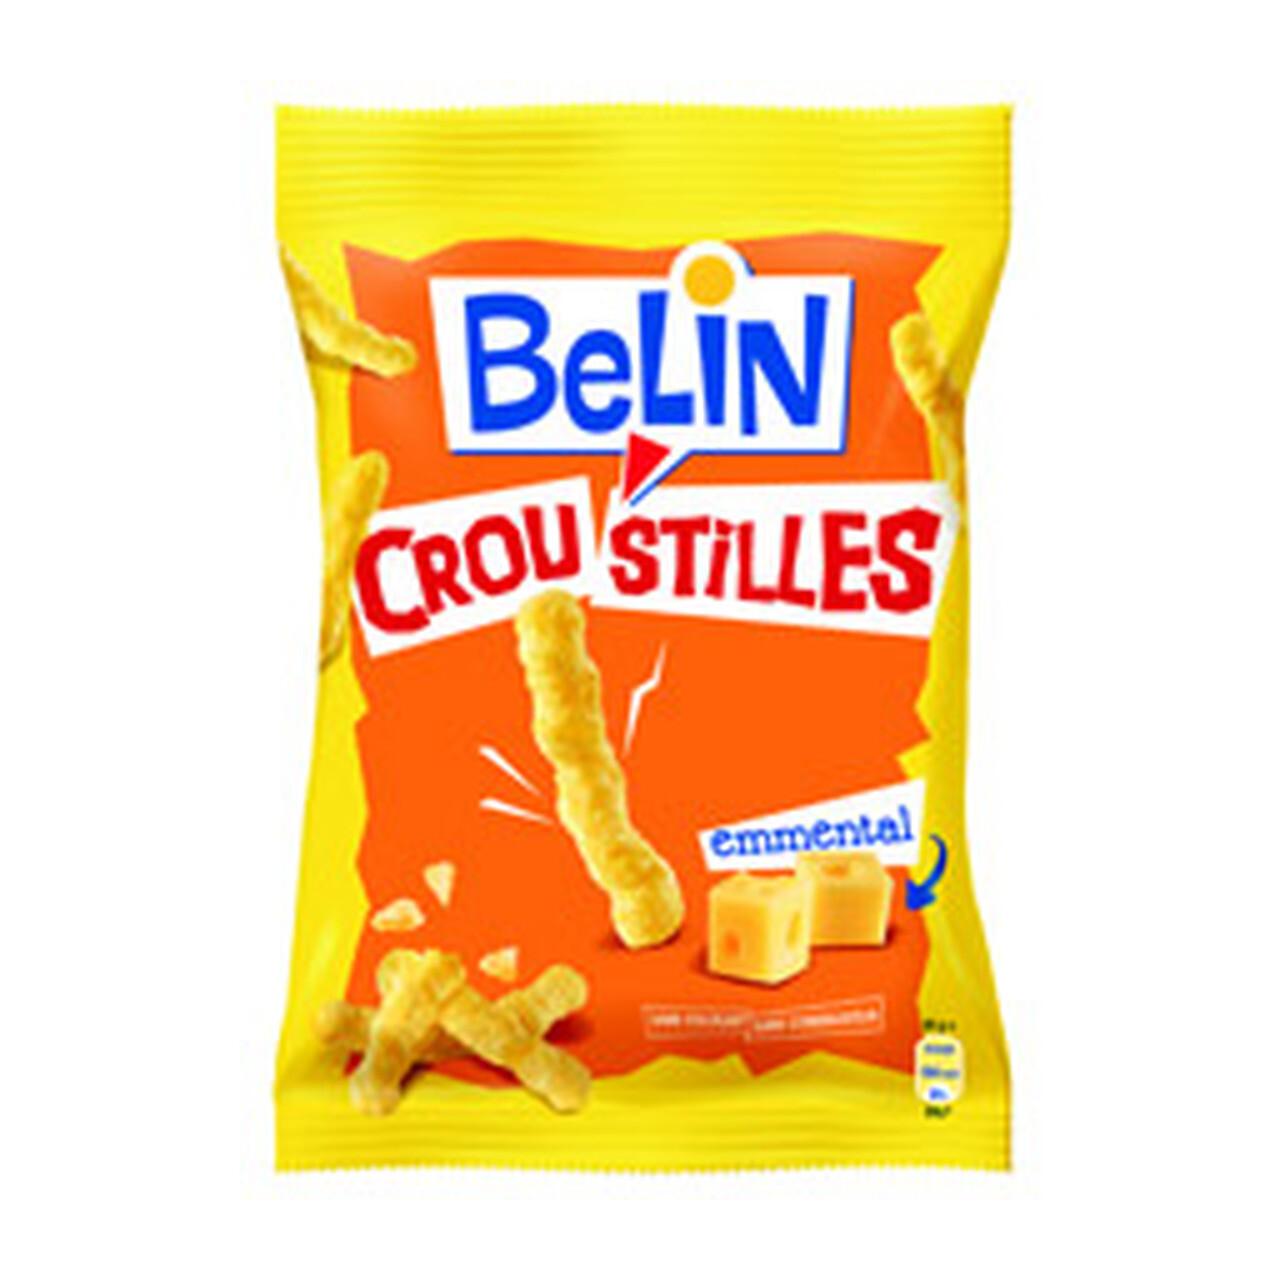 Belin - Croustilles Emmenthal